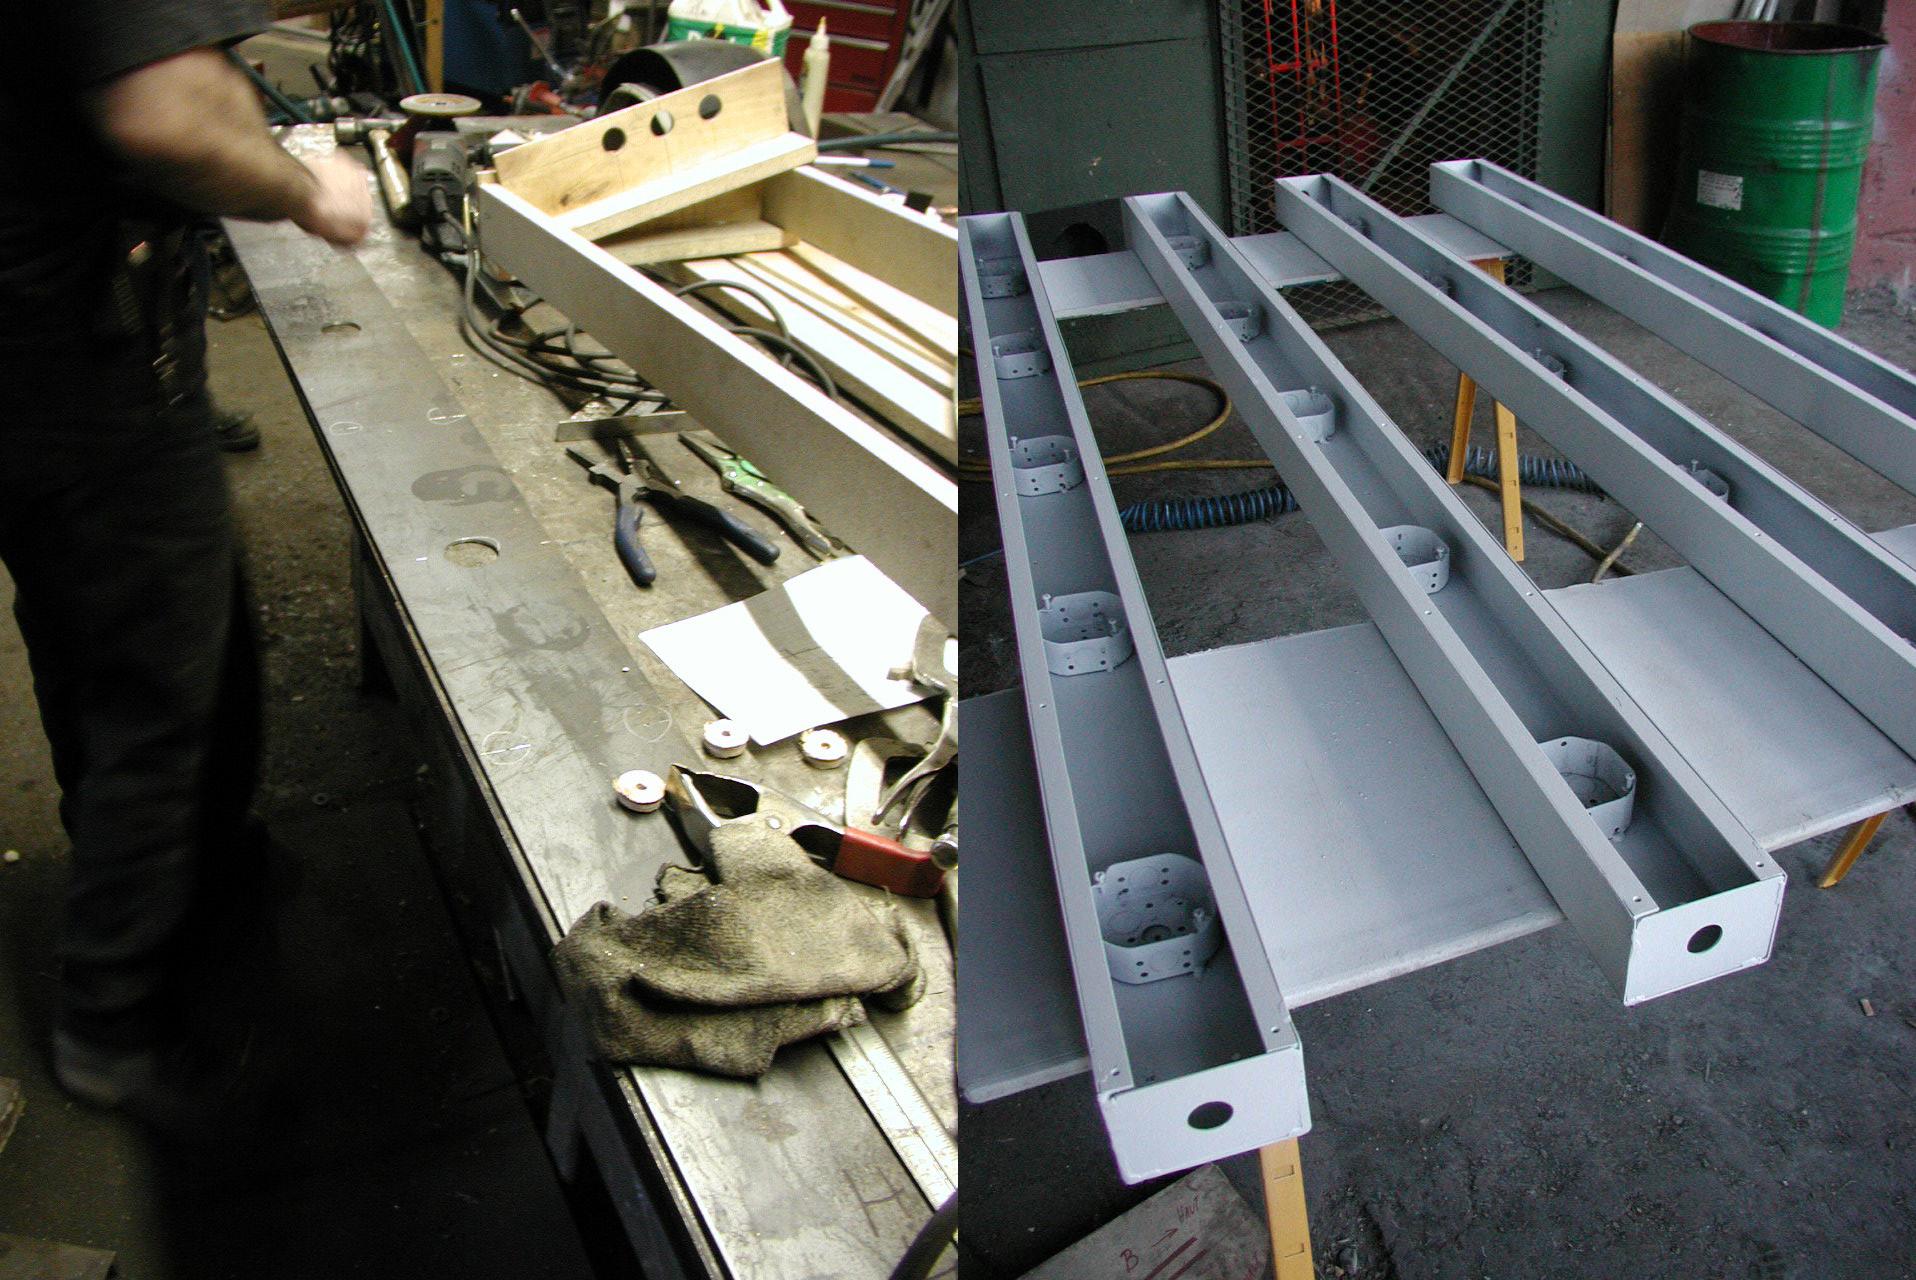 Boîtiers en U et plaques d'acier de surface en fabrication chez Monpetit Inc. Photo chantier © Paul Laurendeau